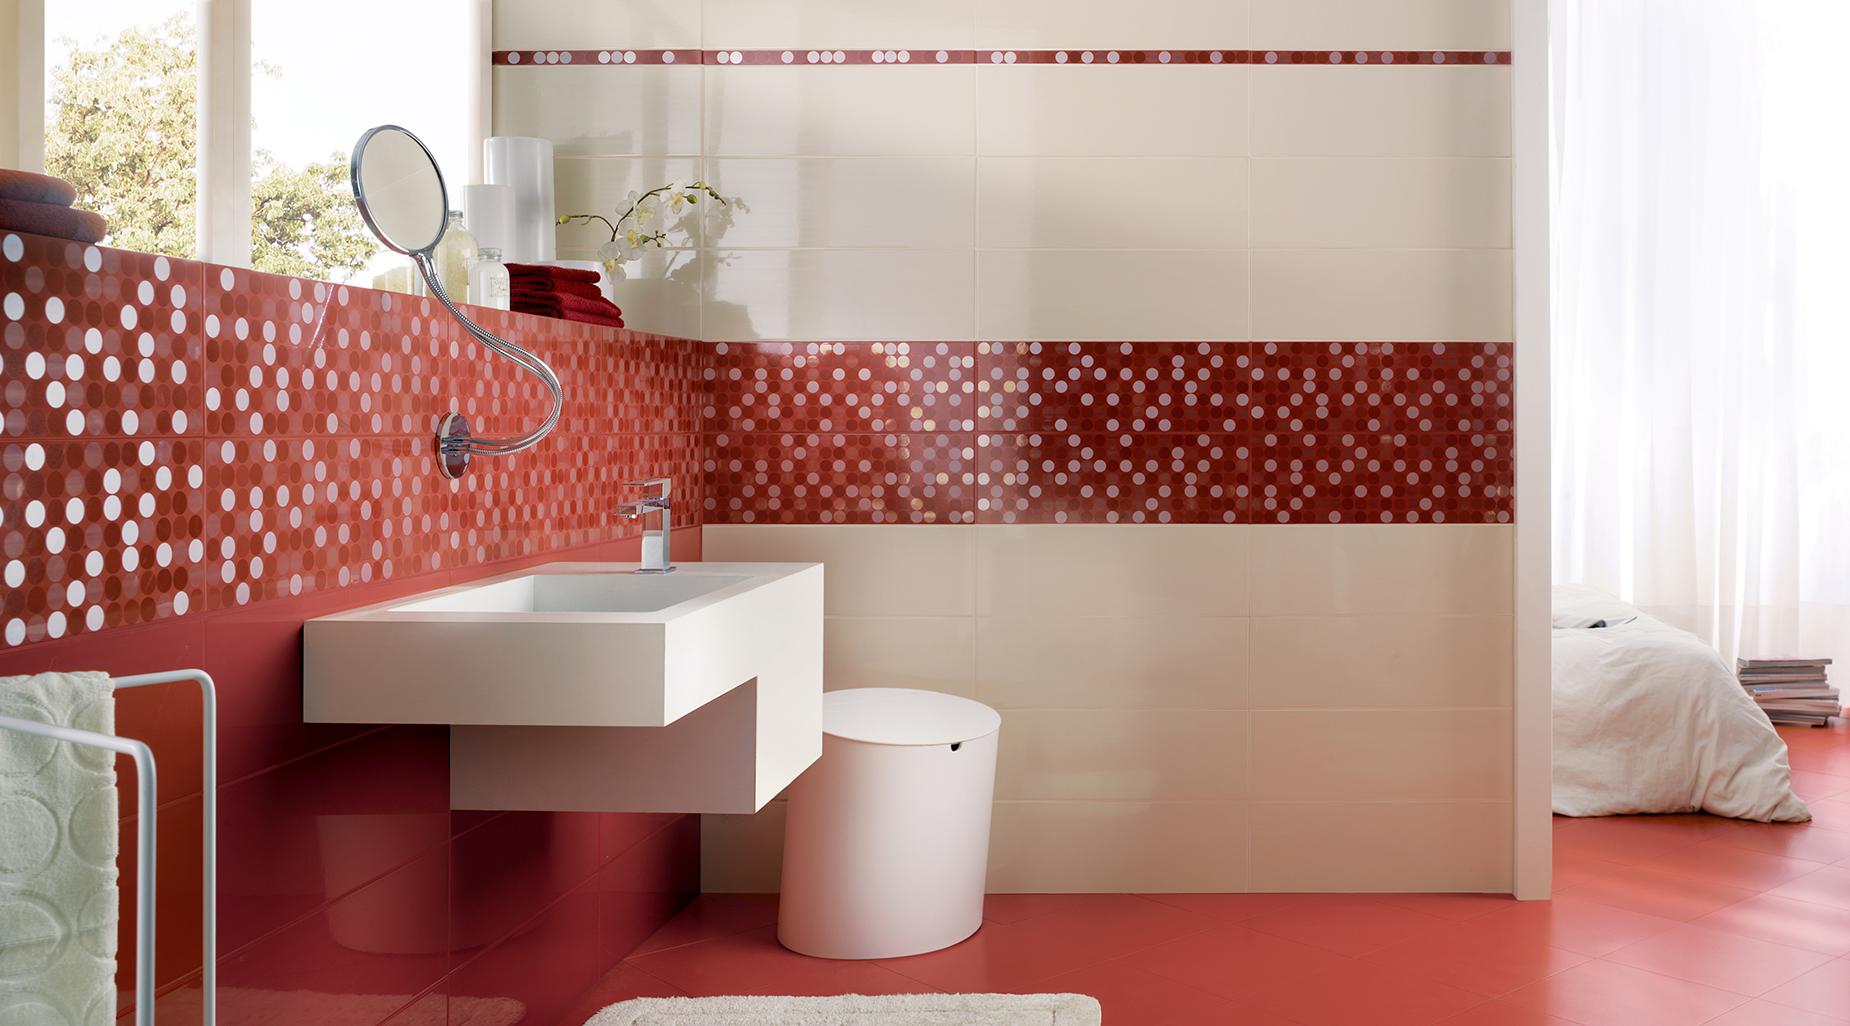 Obklady a dla ba do koupelny chic m b keramika - Stock piastrelle 2 euro ...